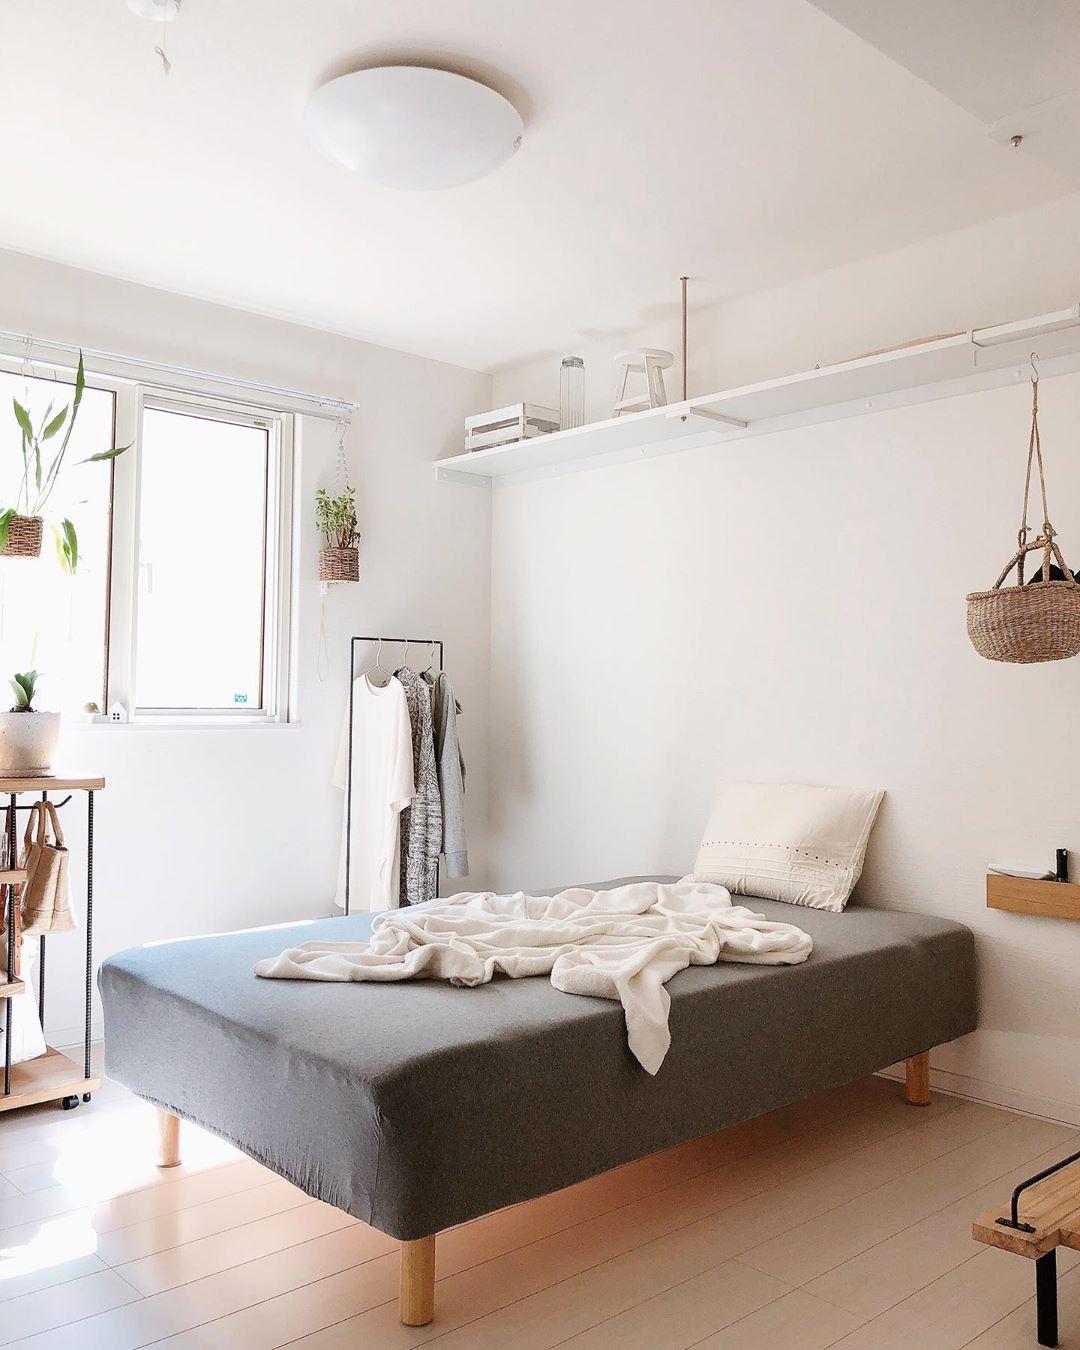 ベッドは、無印良品の足つきマットレス。「部屋の隅にくっつけるのではなく、真ん中に置いてみたら、意外としっくりきました」とのことですが、なるほど、ベッドをあえて主役に持ってくることで、空間のメリハリが効いていますよね。